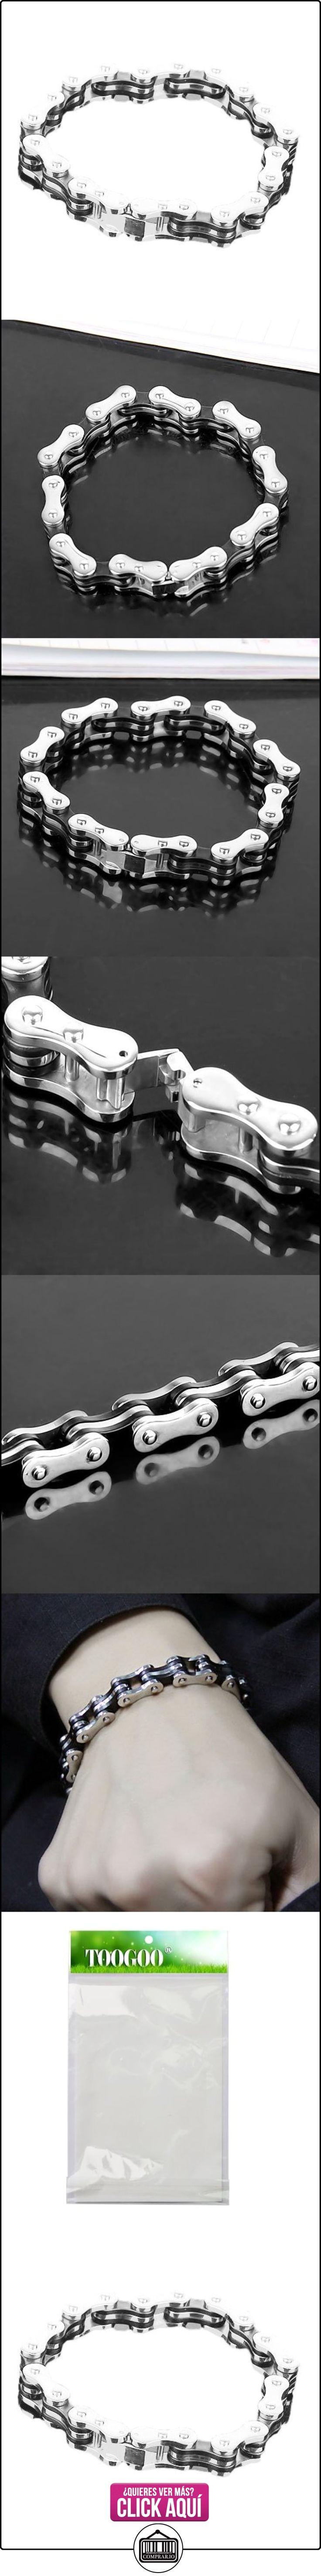 TOOGOO (R) Estilo de la cadena de bicicleta de acero inoxidable pulsera para hombre w / caja de regalo  ✿ Joyas para mujer - Las mejores ofertas ✿ ▬► Ver oferta: https://comprar.io/goto/B00UFBPTDW